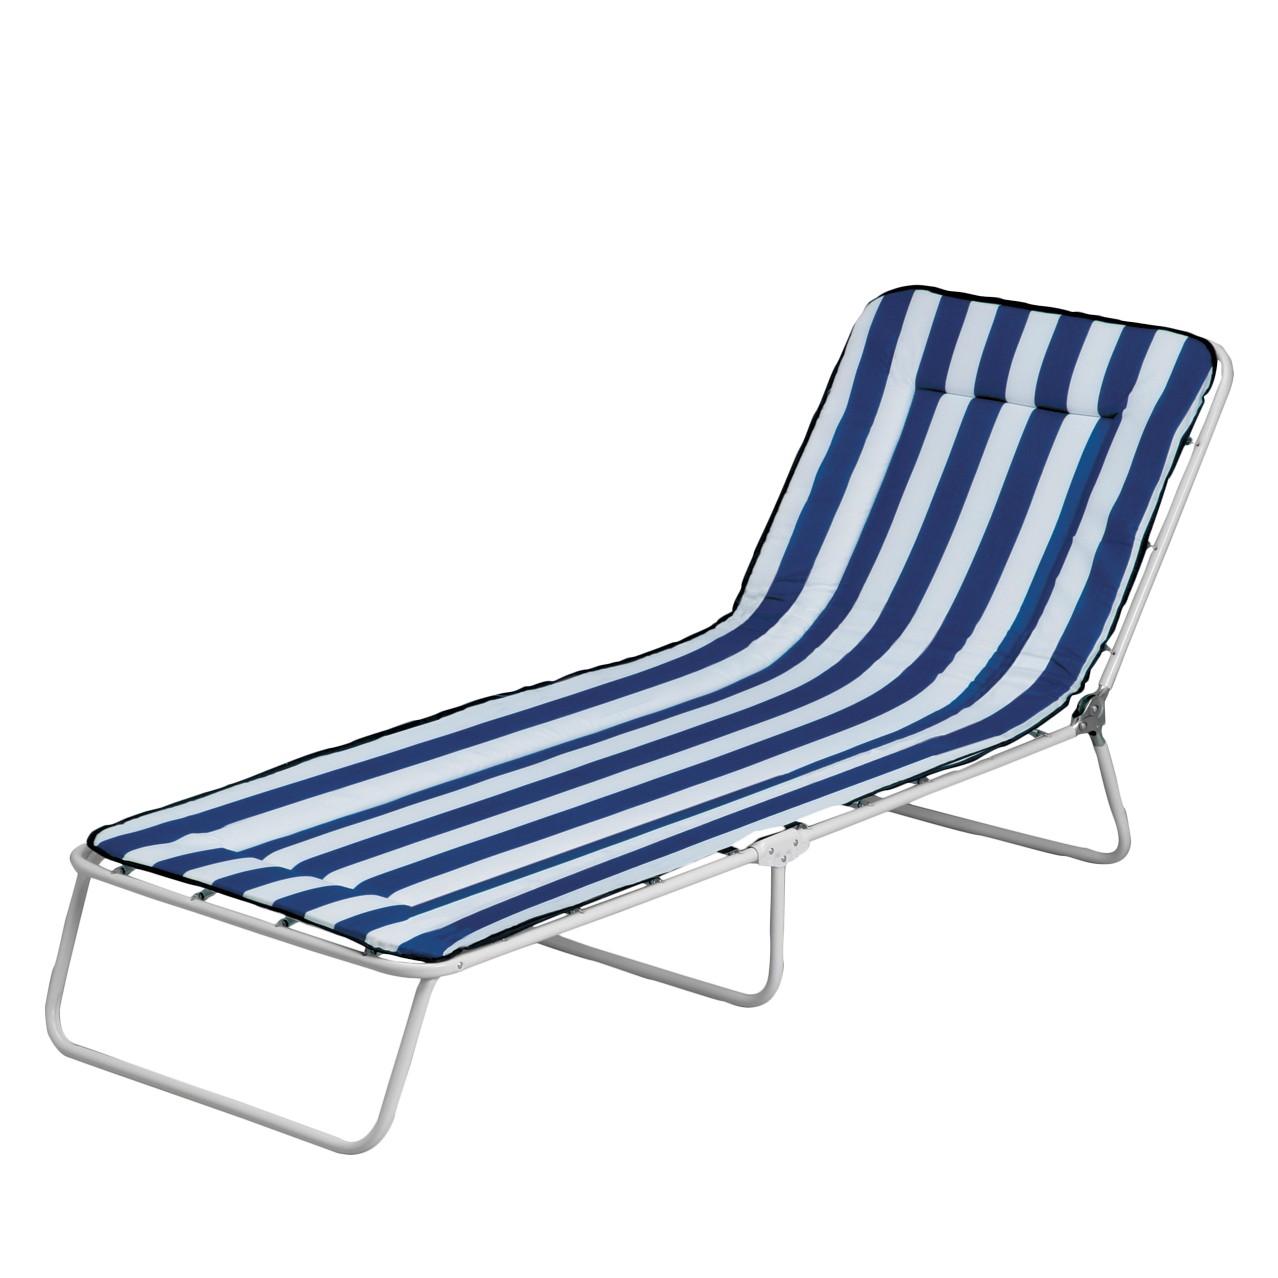 Gartenliege Chiemsee 3-Bein (inkl. Polsterauflage) - Stahlrohr/Textil - Weiß/Blau-Weiß gestreift, Best Freizeitmöbel